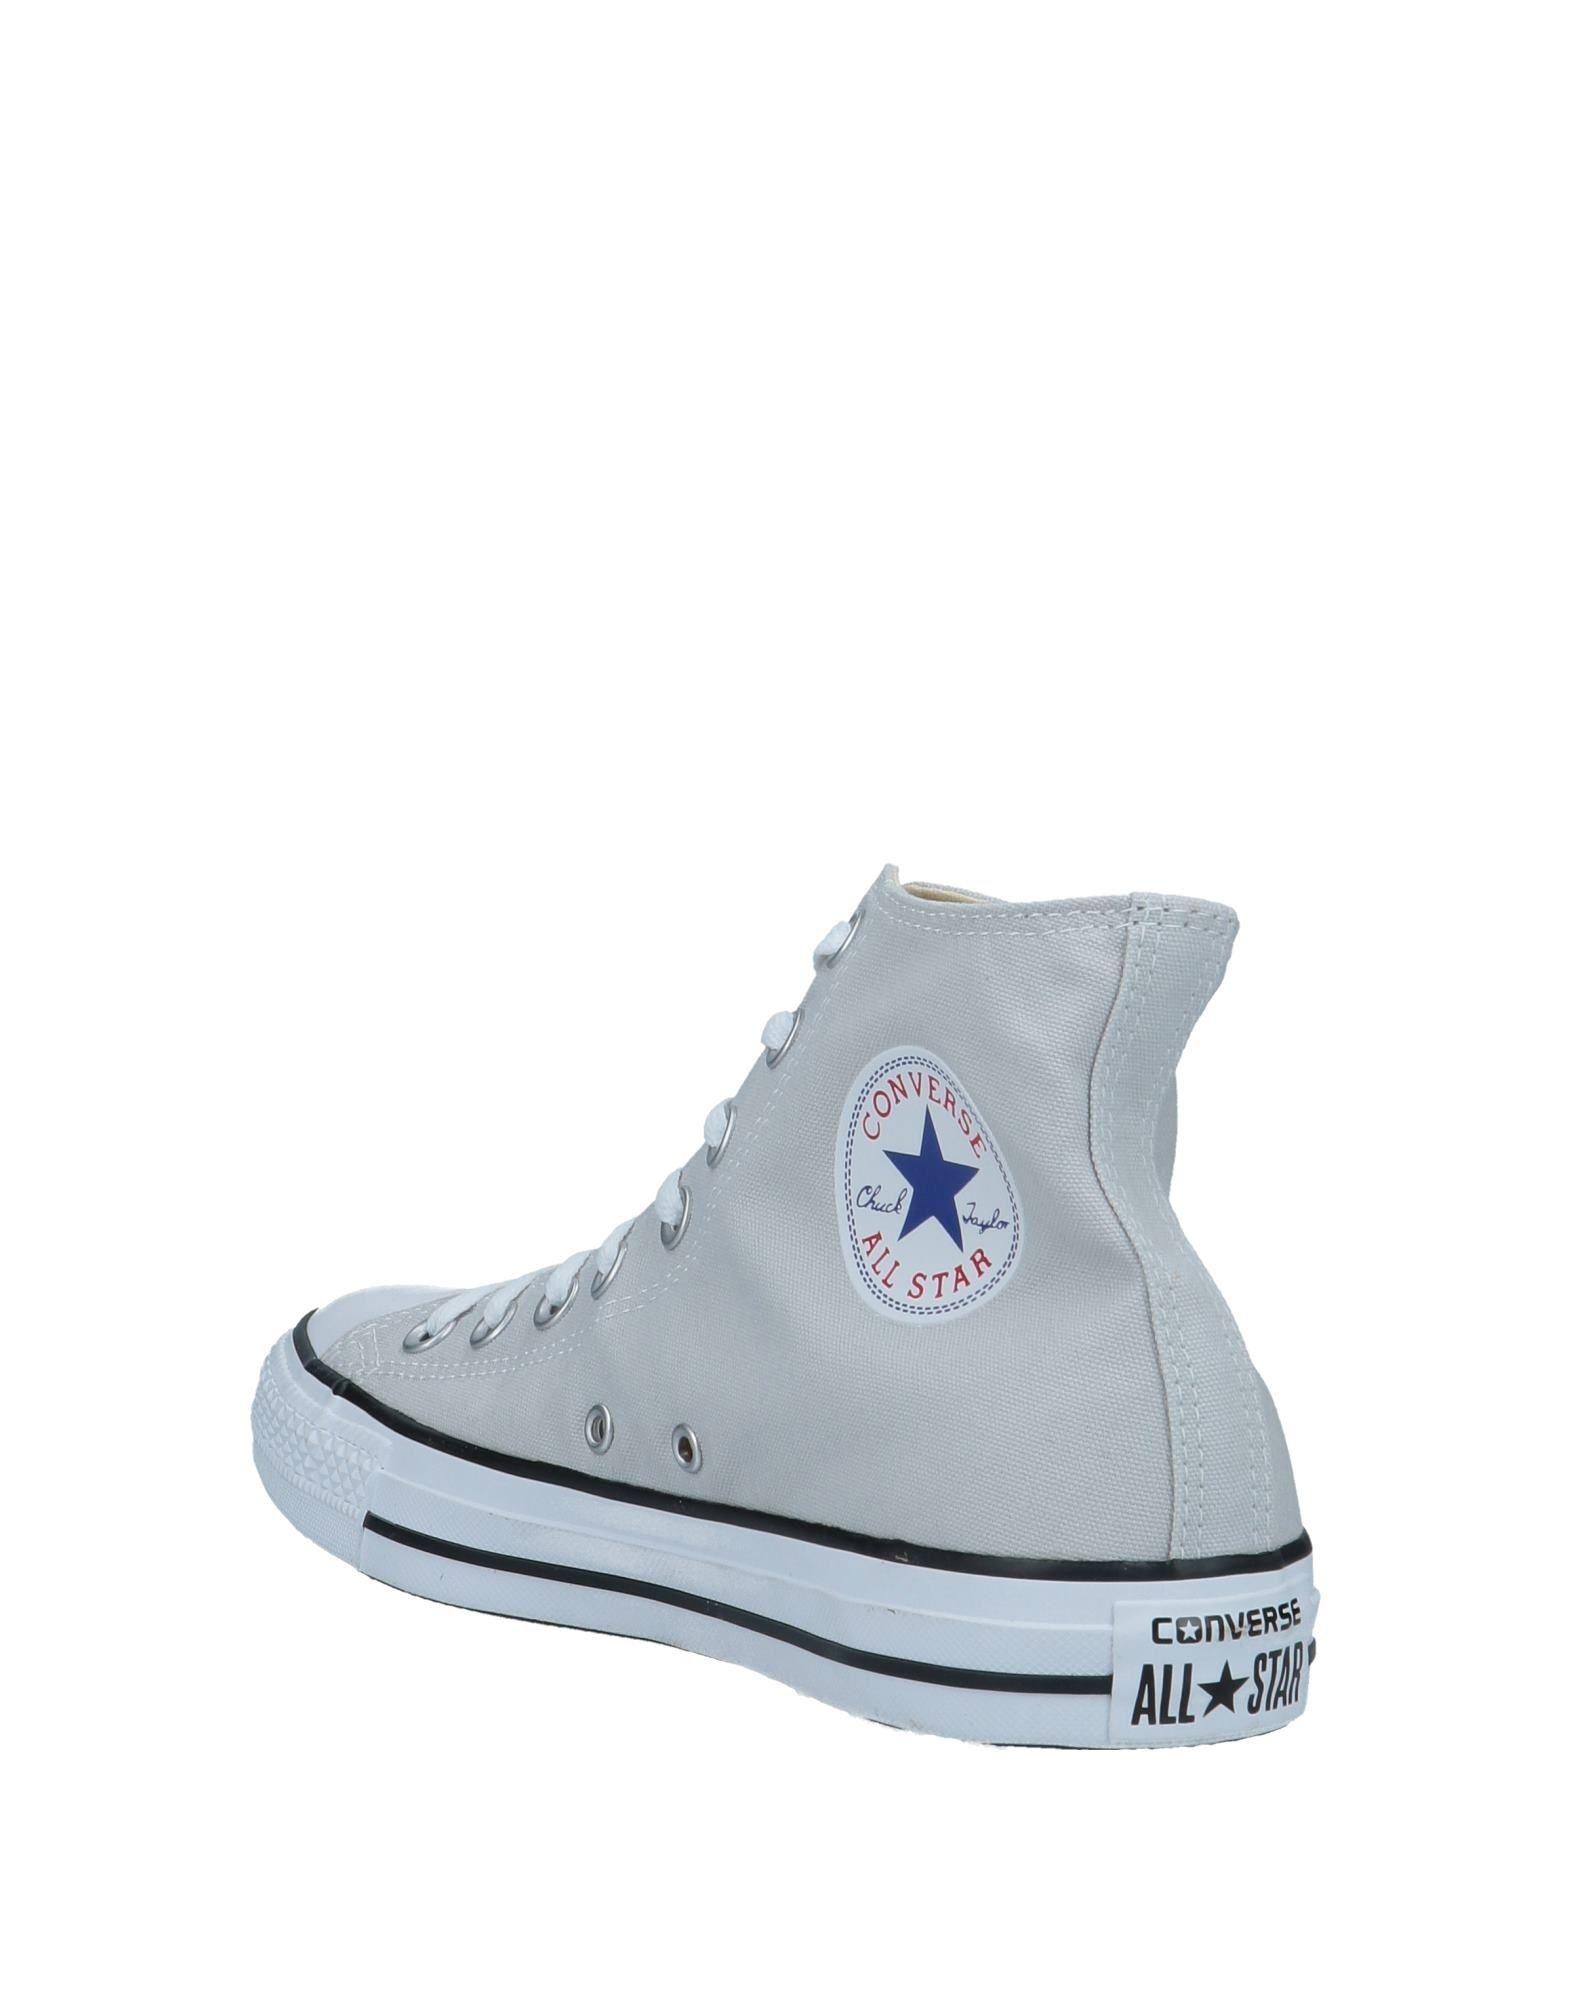 Converse Preis-Leistungs-Verhältnis, All Star Sneakers Herren Gutes Preis-Leistungs-Verhältnis, Converse es lohnt sich 58e7f2